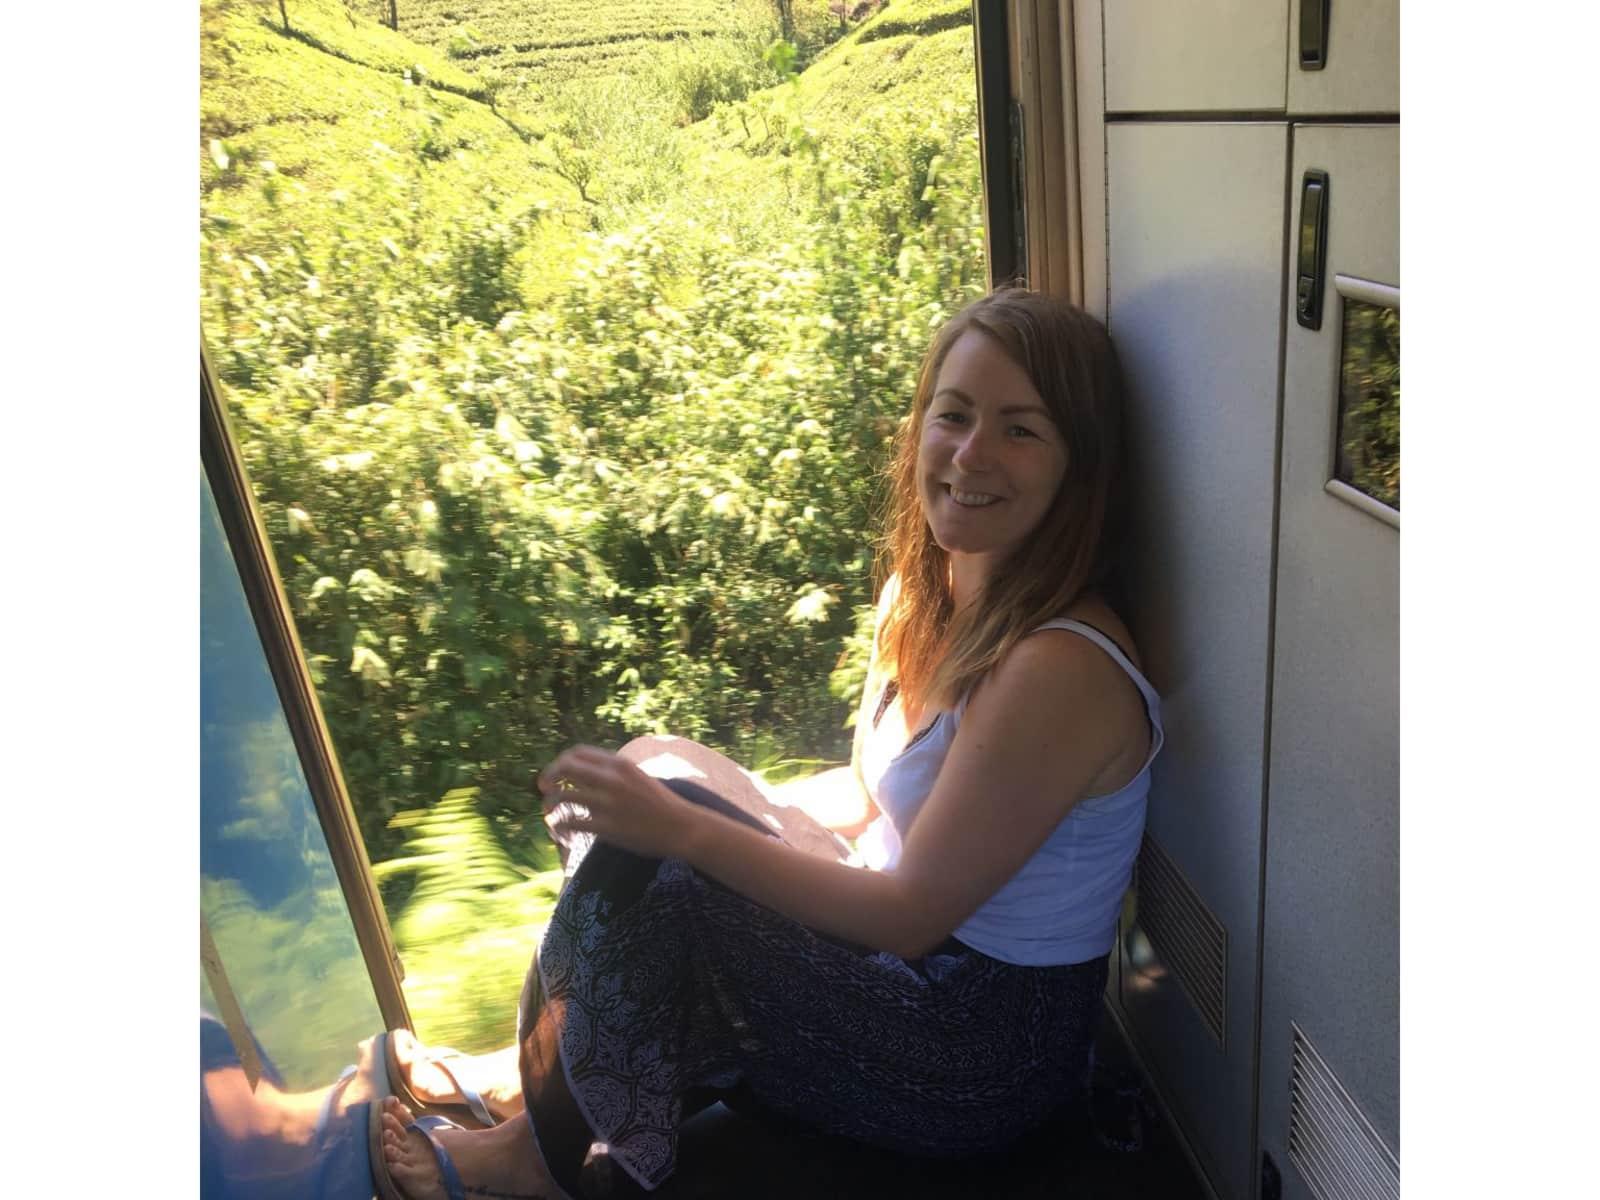 Jennifer from London, United Kingdom